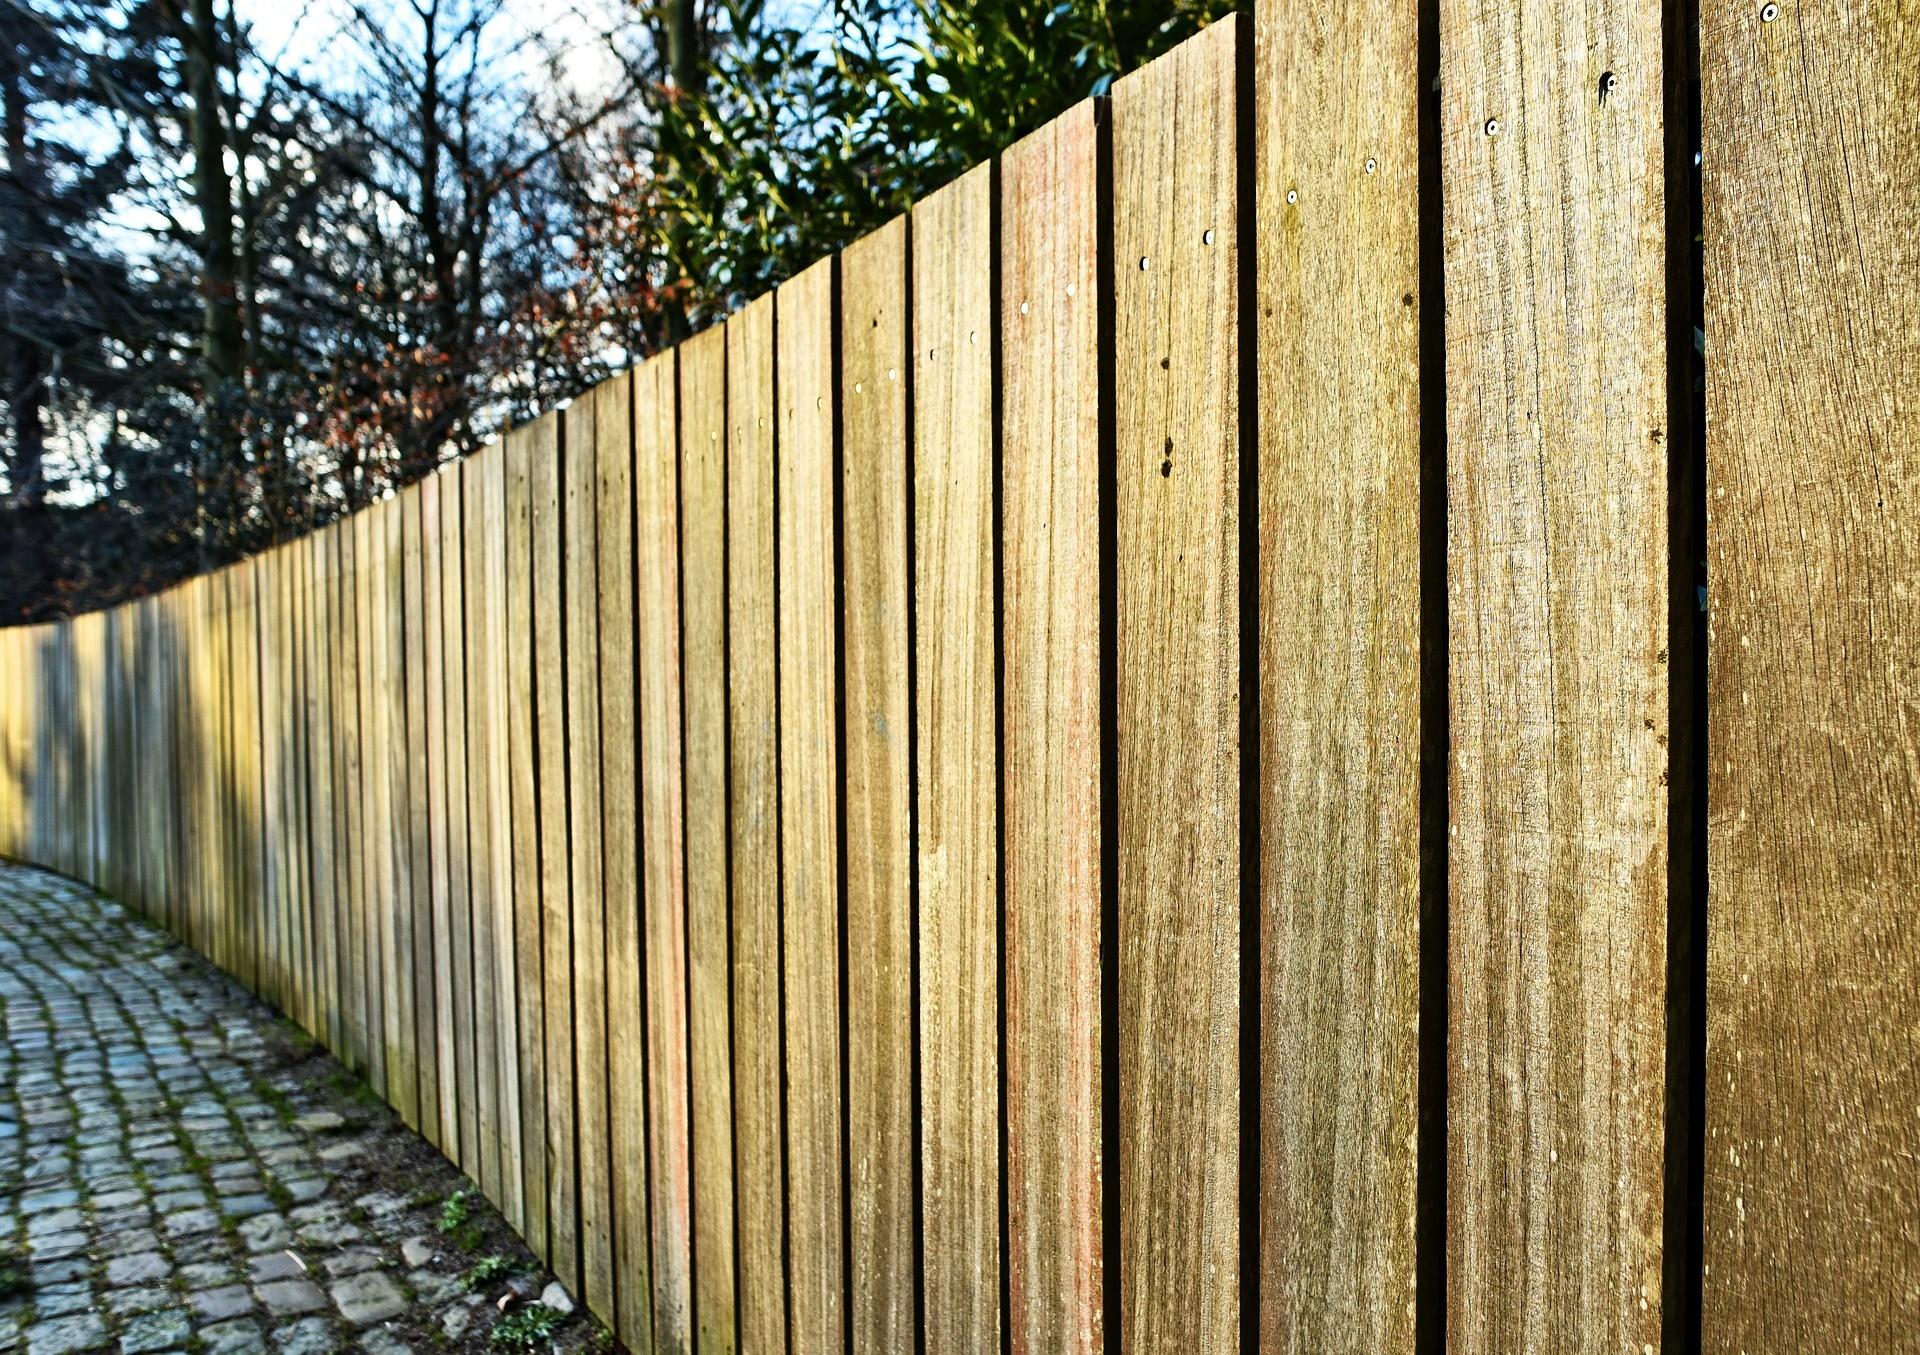 Metal Railings vs Wooden Fencing | Wood or Metal Railings?